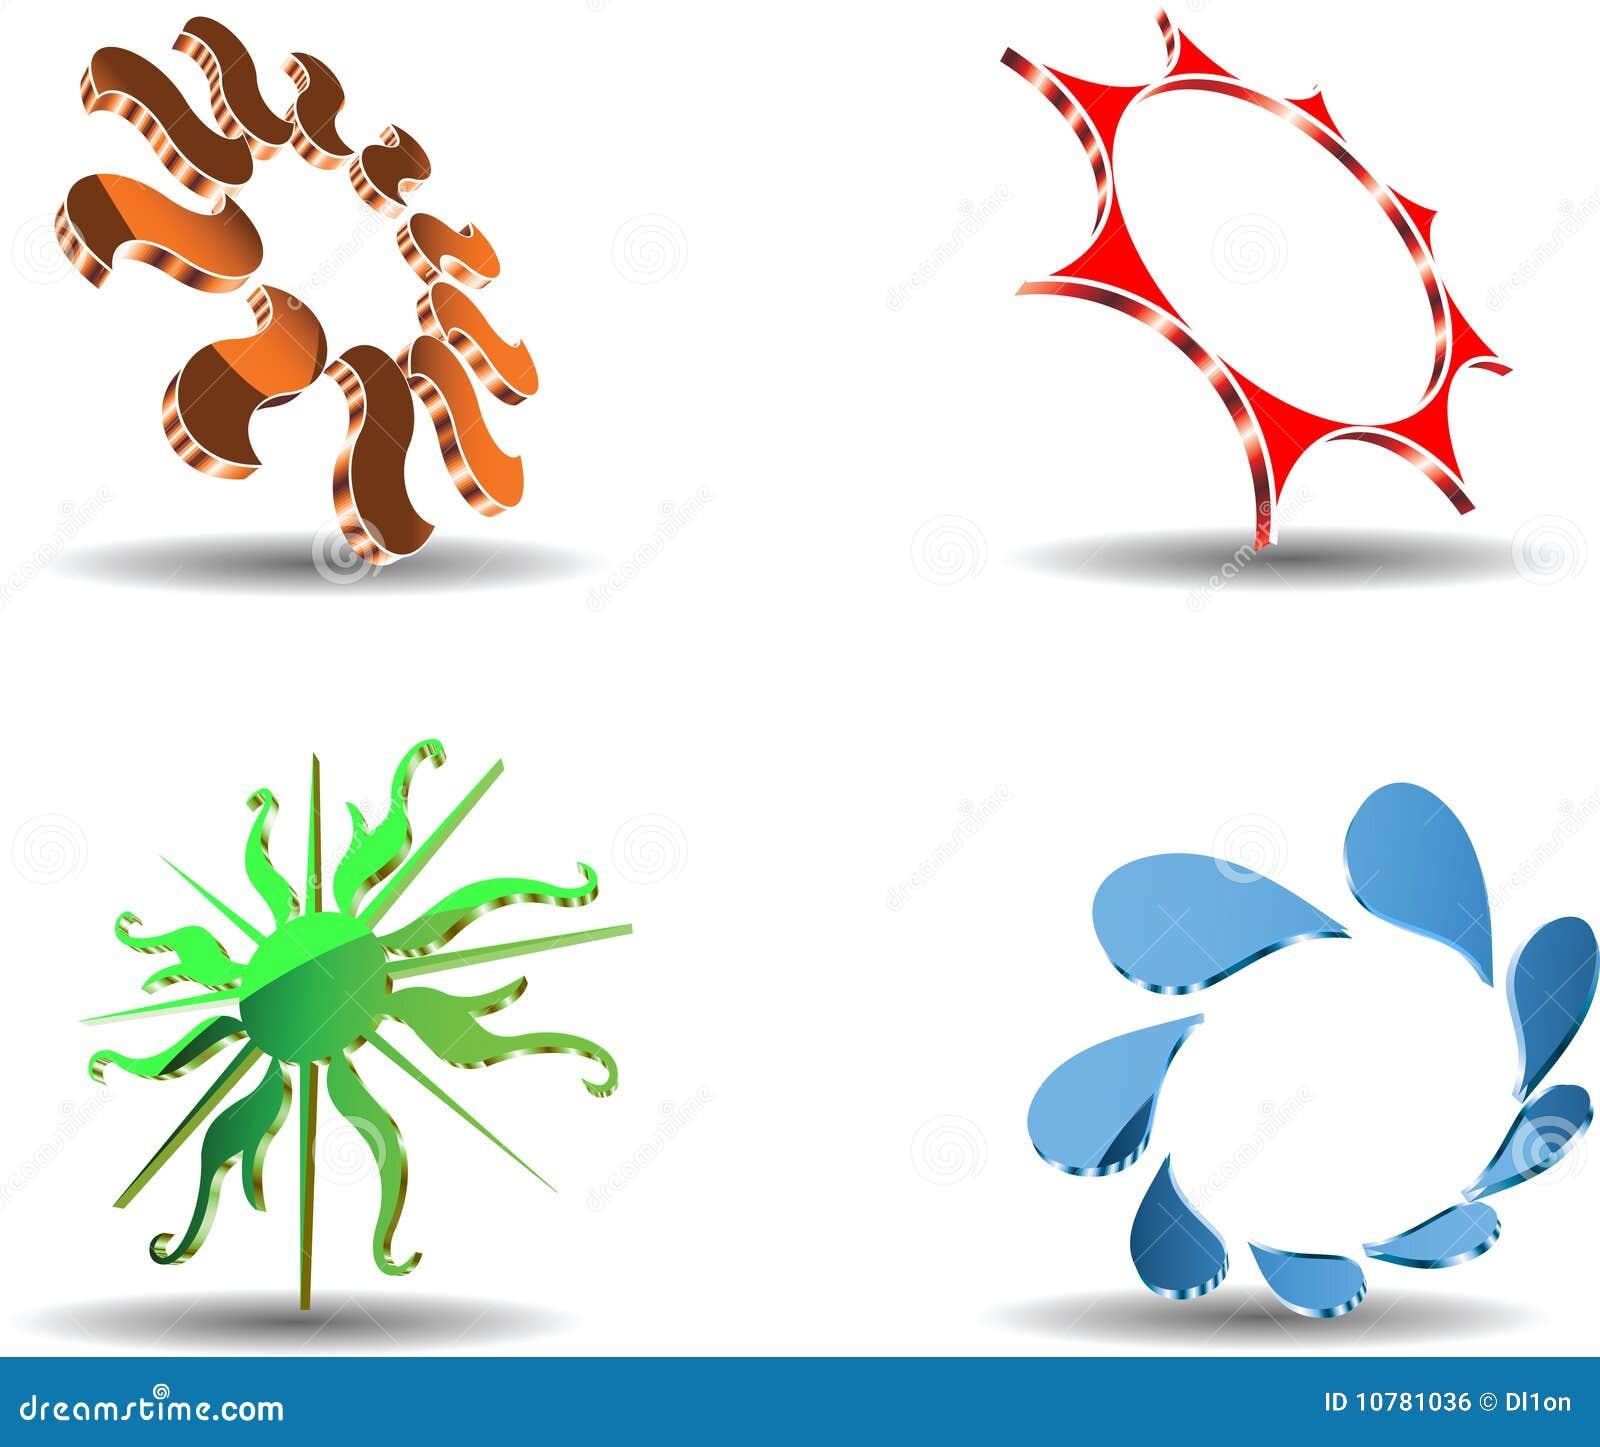 De abstracte 3D symbolen van de Zon.